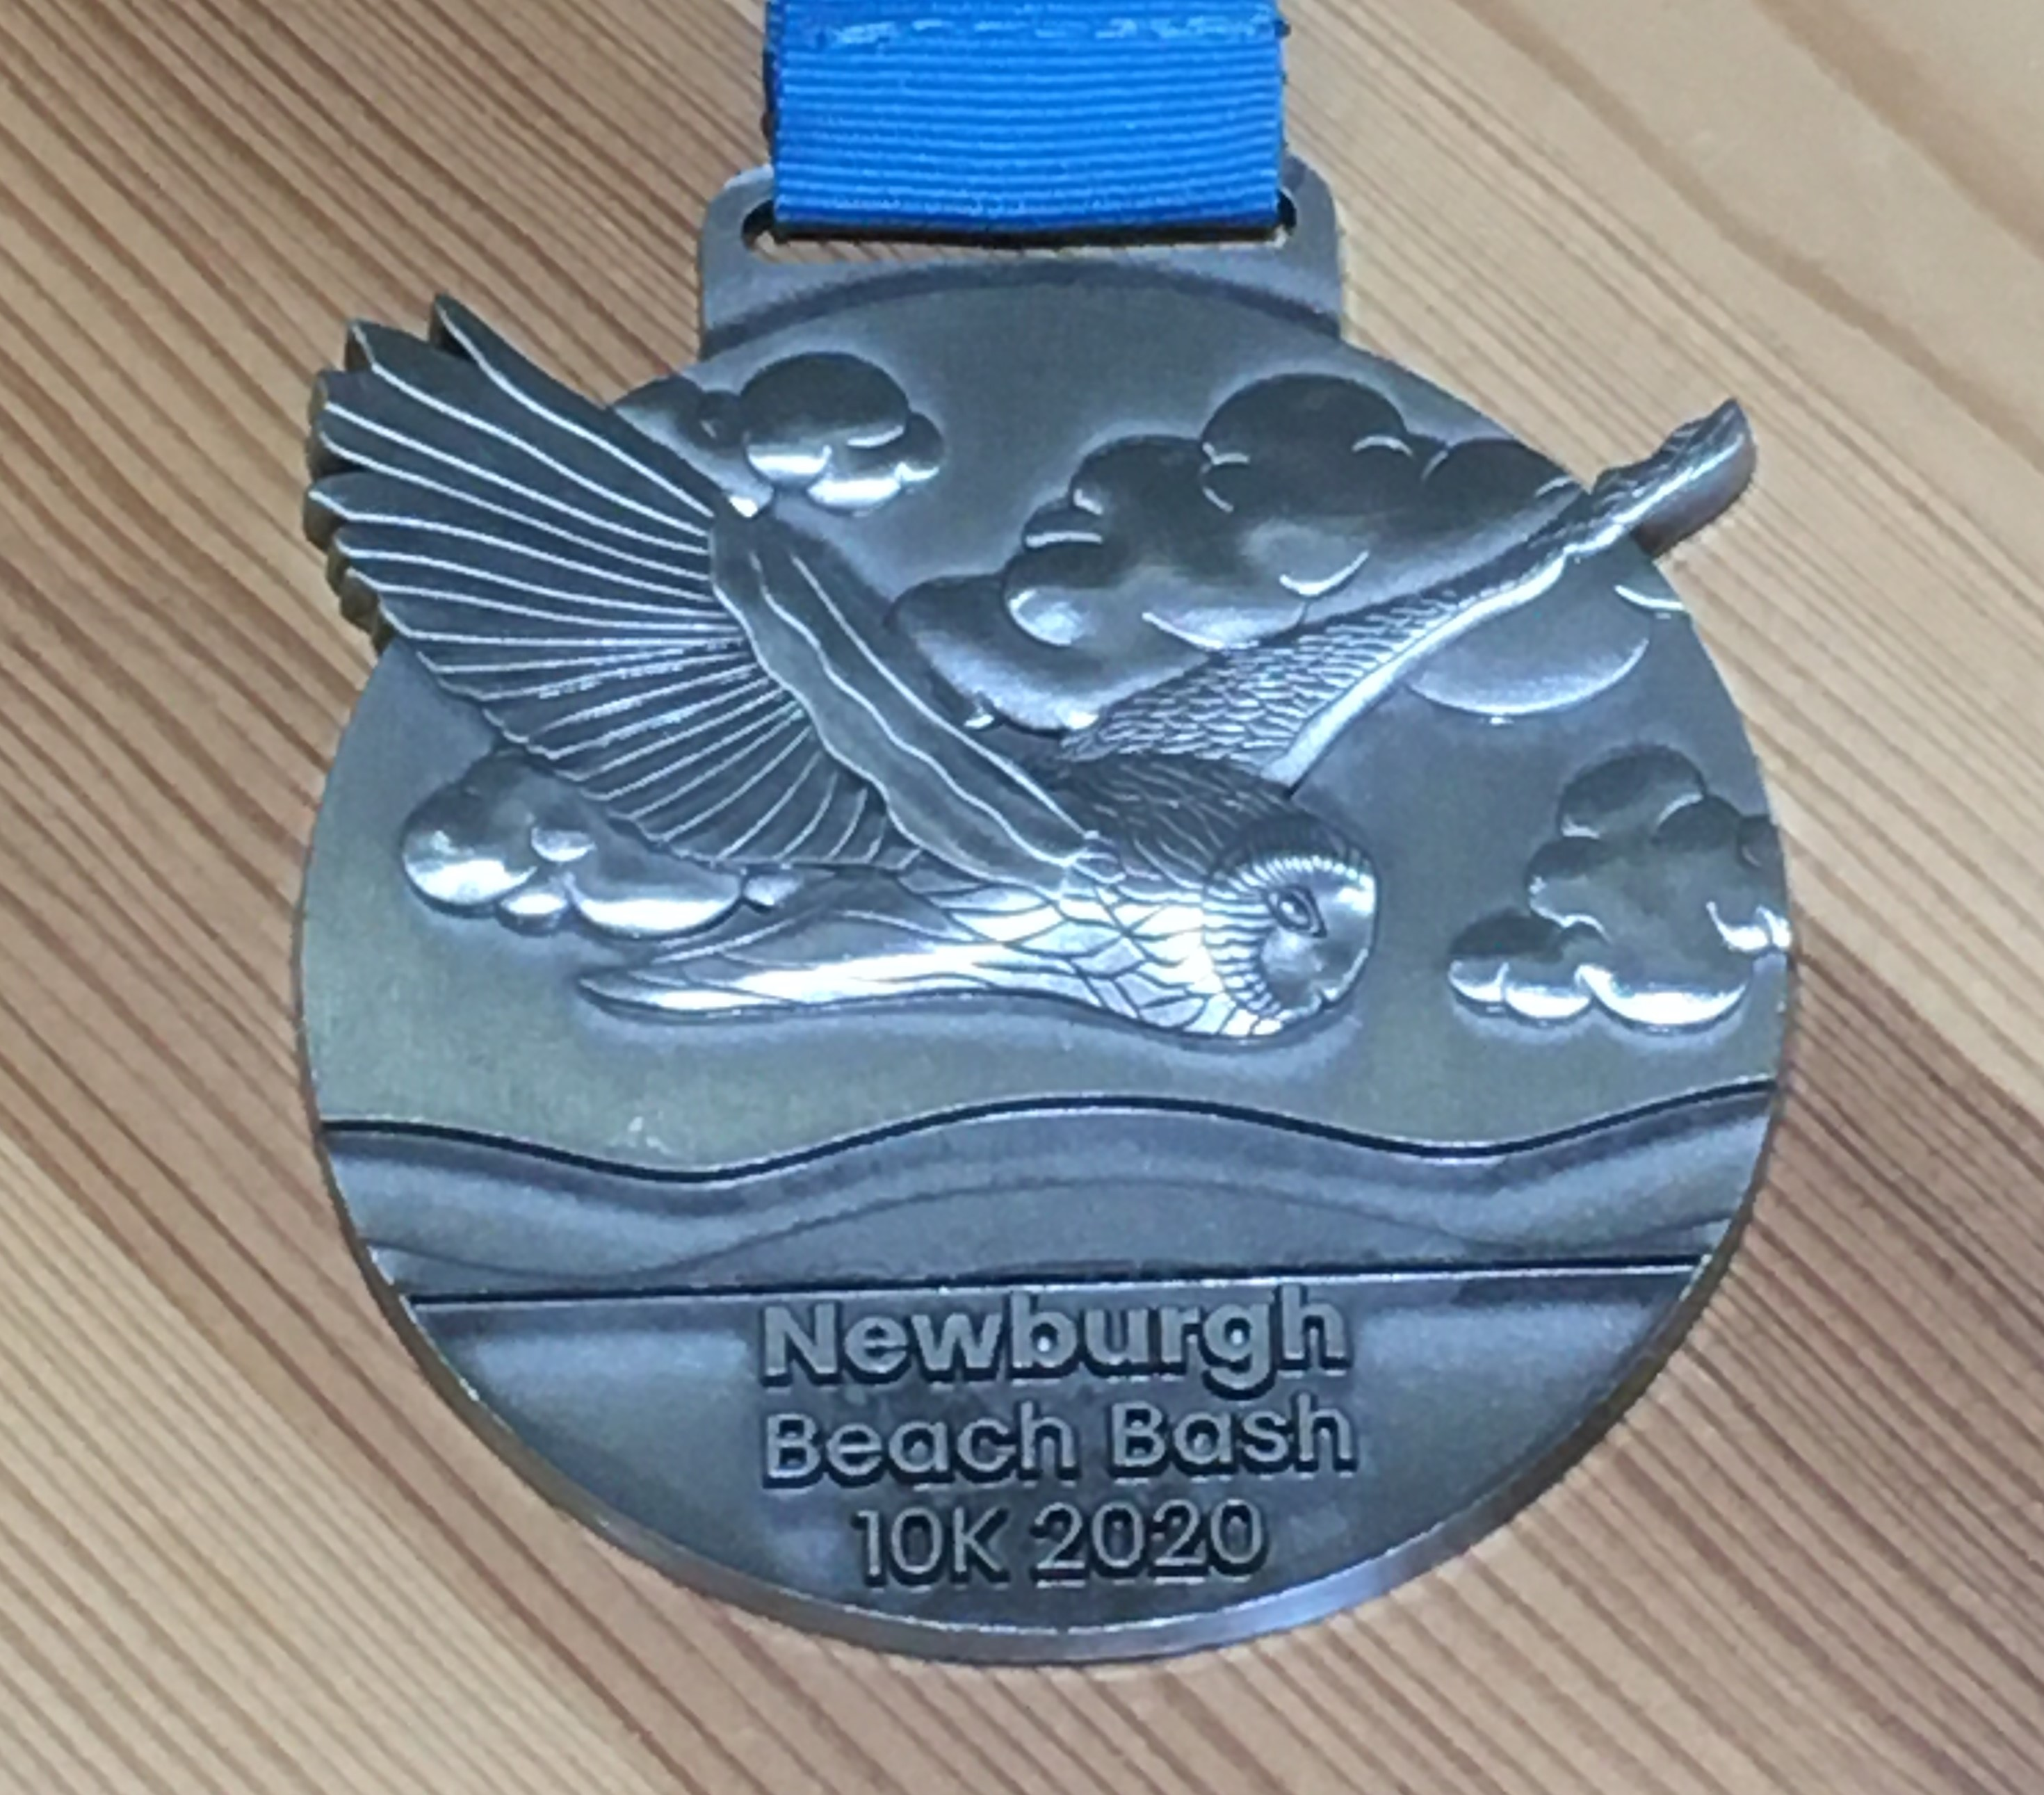 Newburgh Dunes Running Club